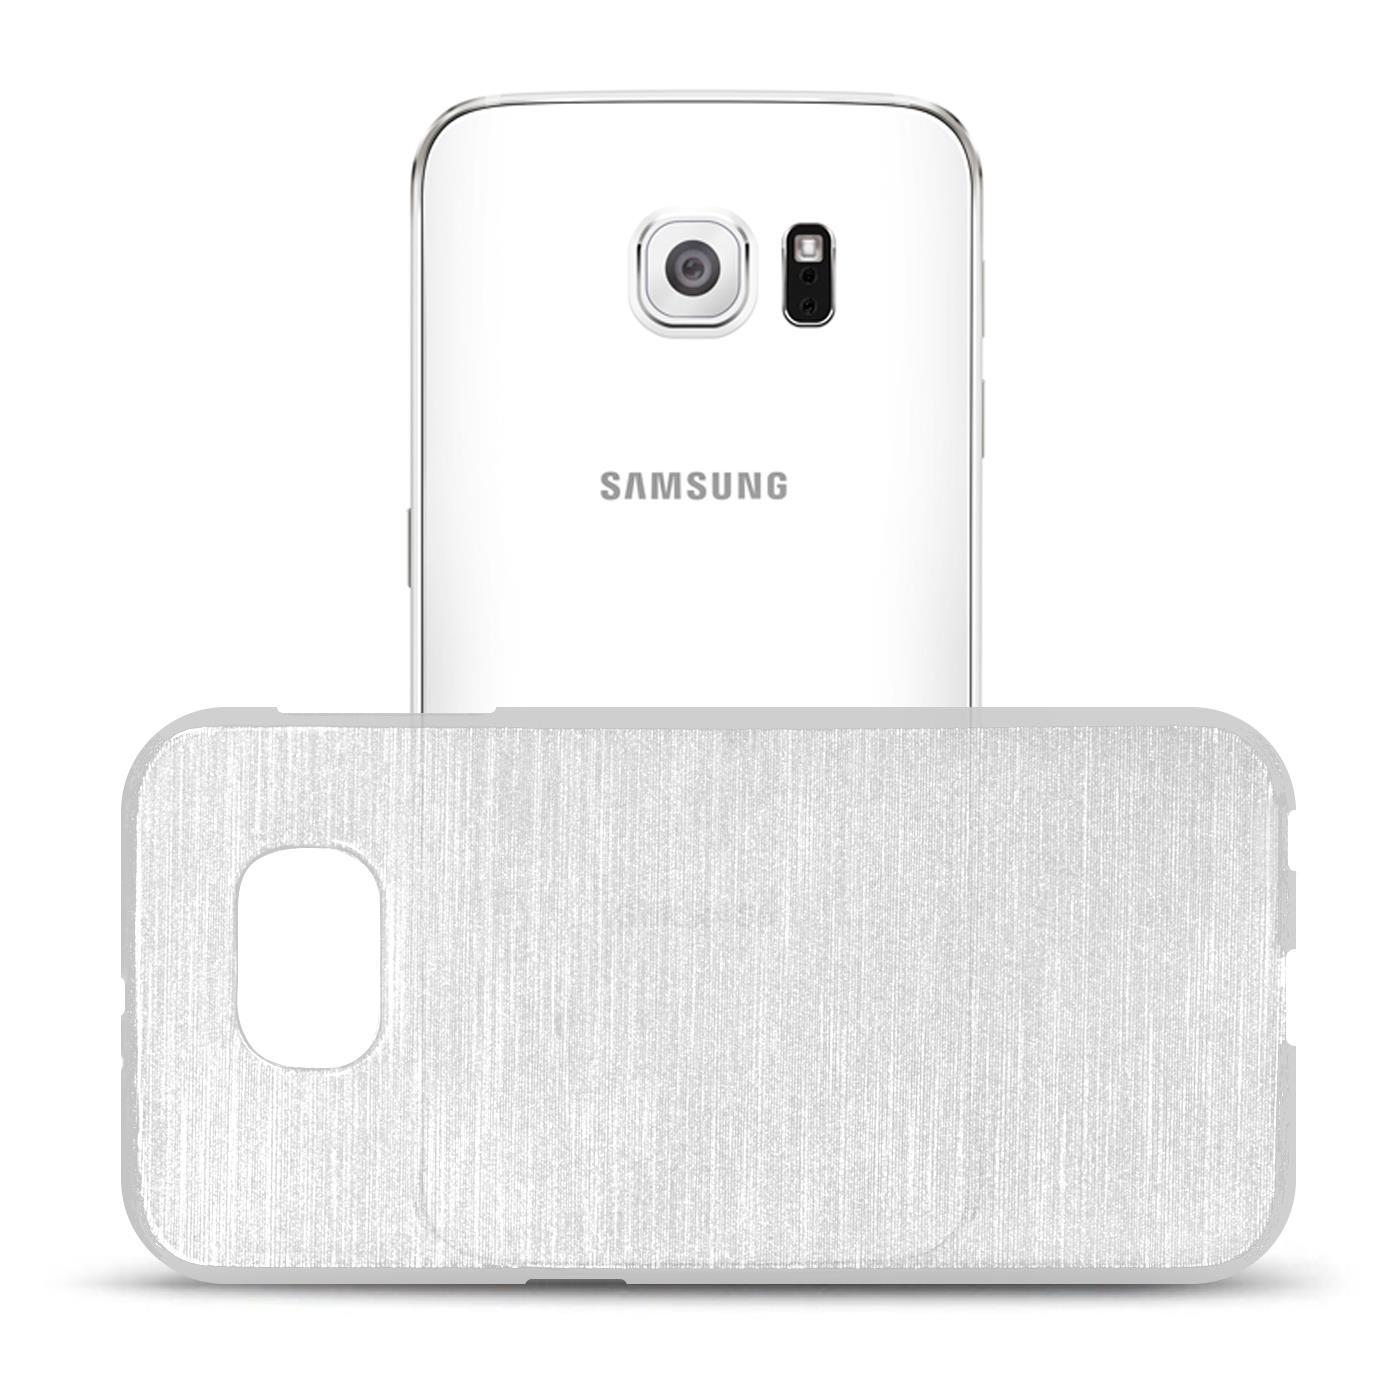 Silikon-Bumper-Case-fuer-Samsung-Galaxy-s6-duenne-ultra-slim-Stossfeste-Rueckschale Indexbild 44